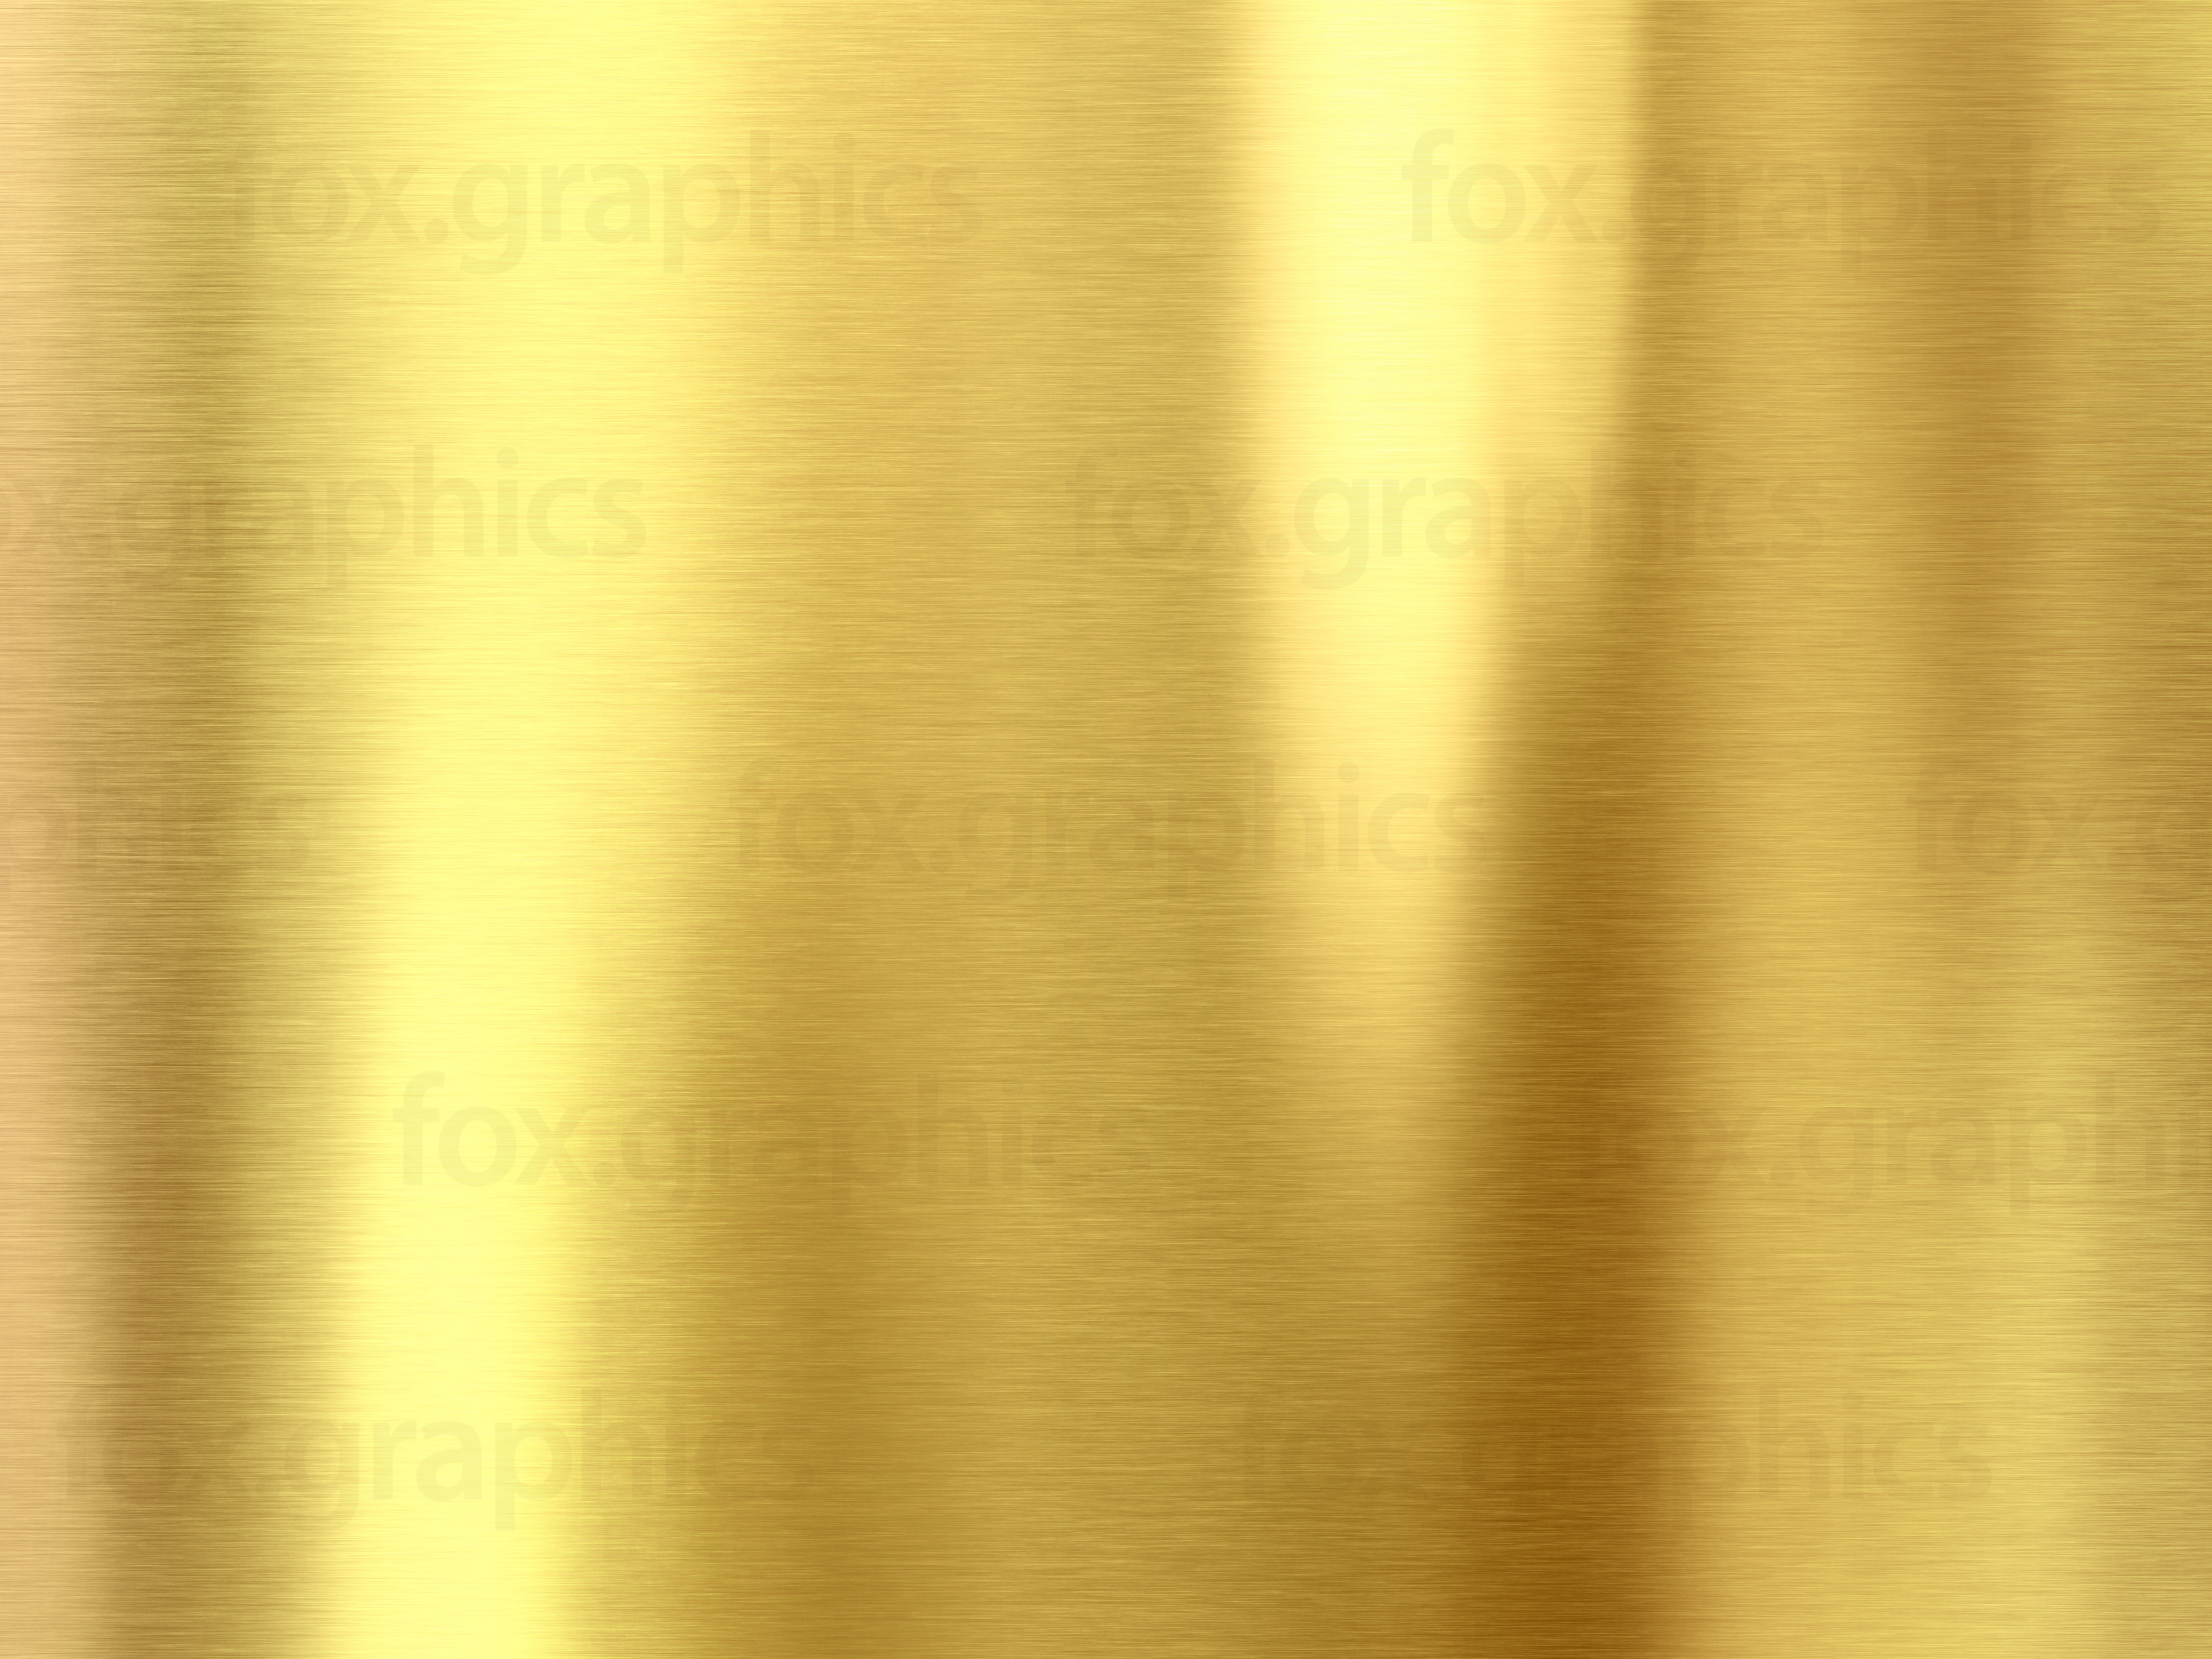 High Resolution Wallpaper   Gold 3840x2880 px